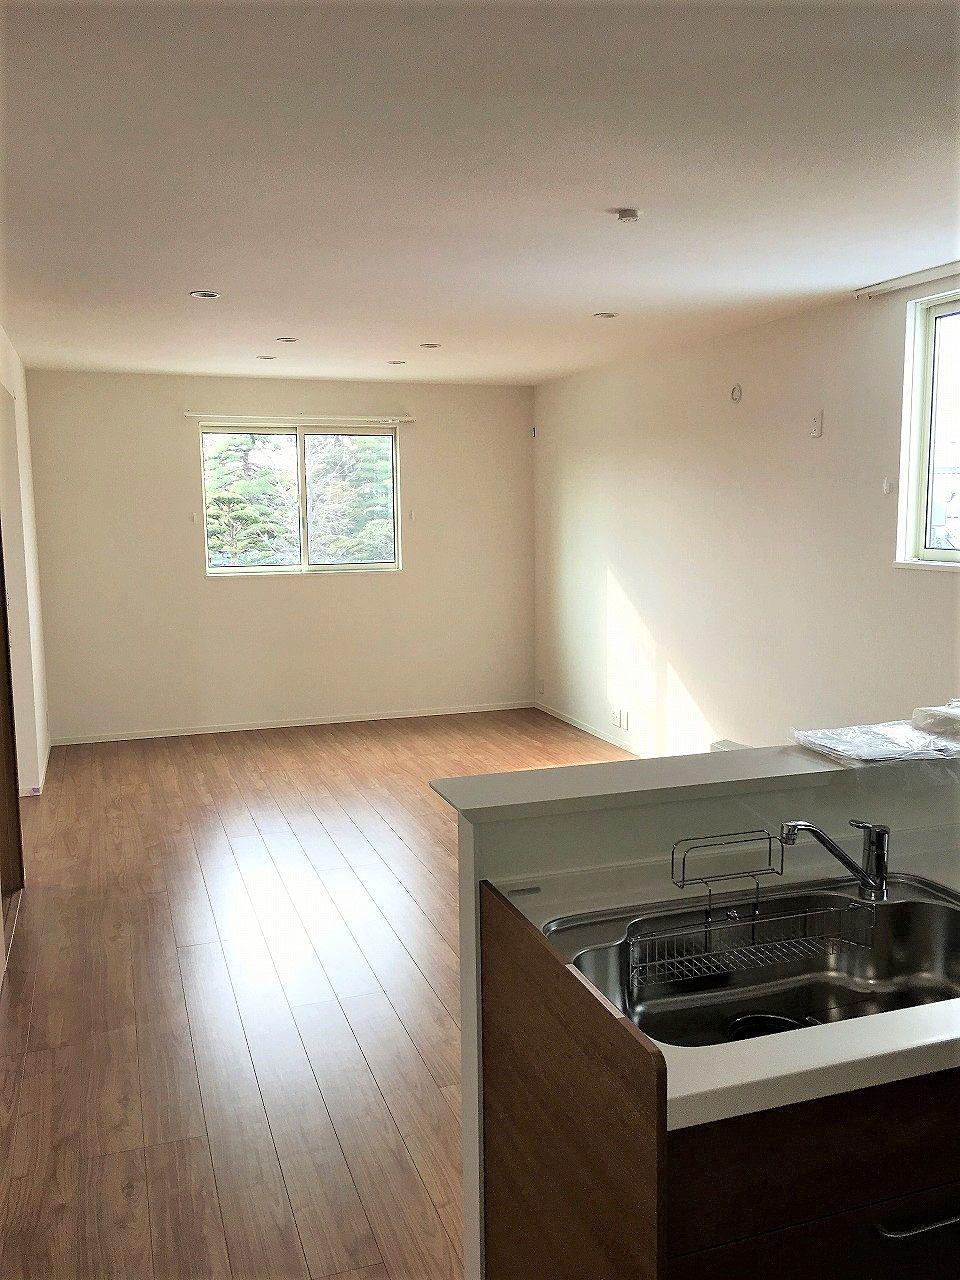 キッチンからLDが良く見え、LD左奥がサンルームになります。